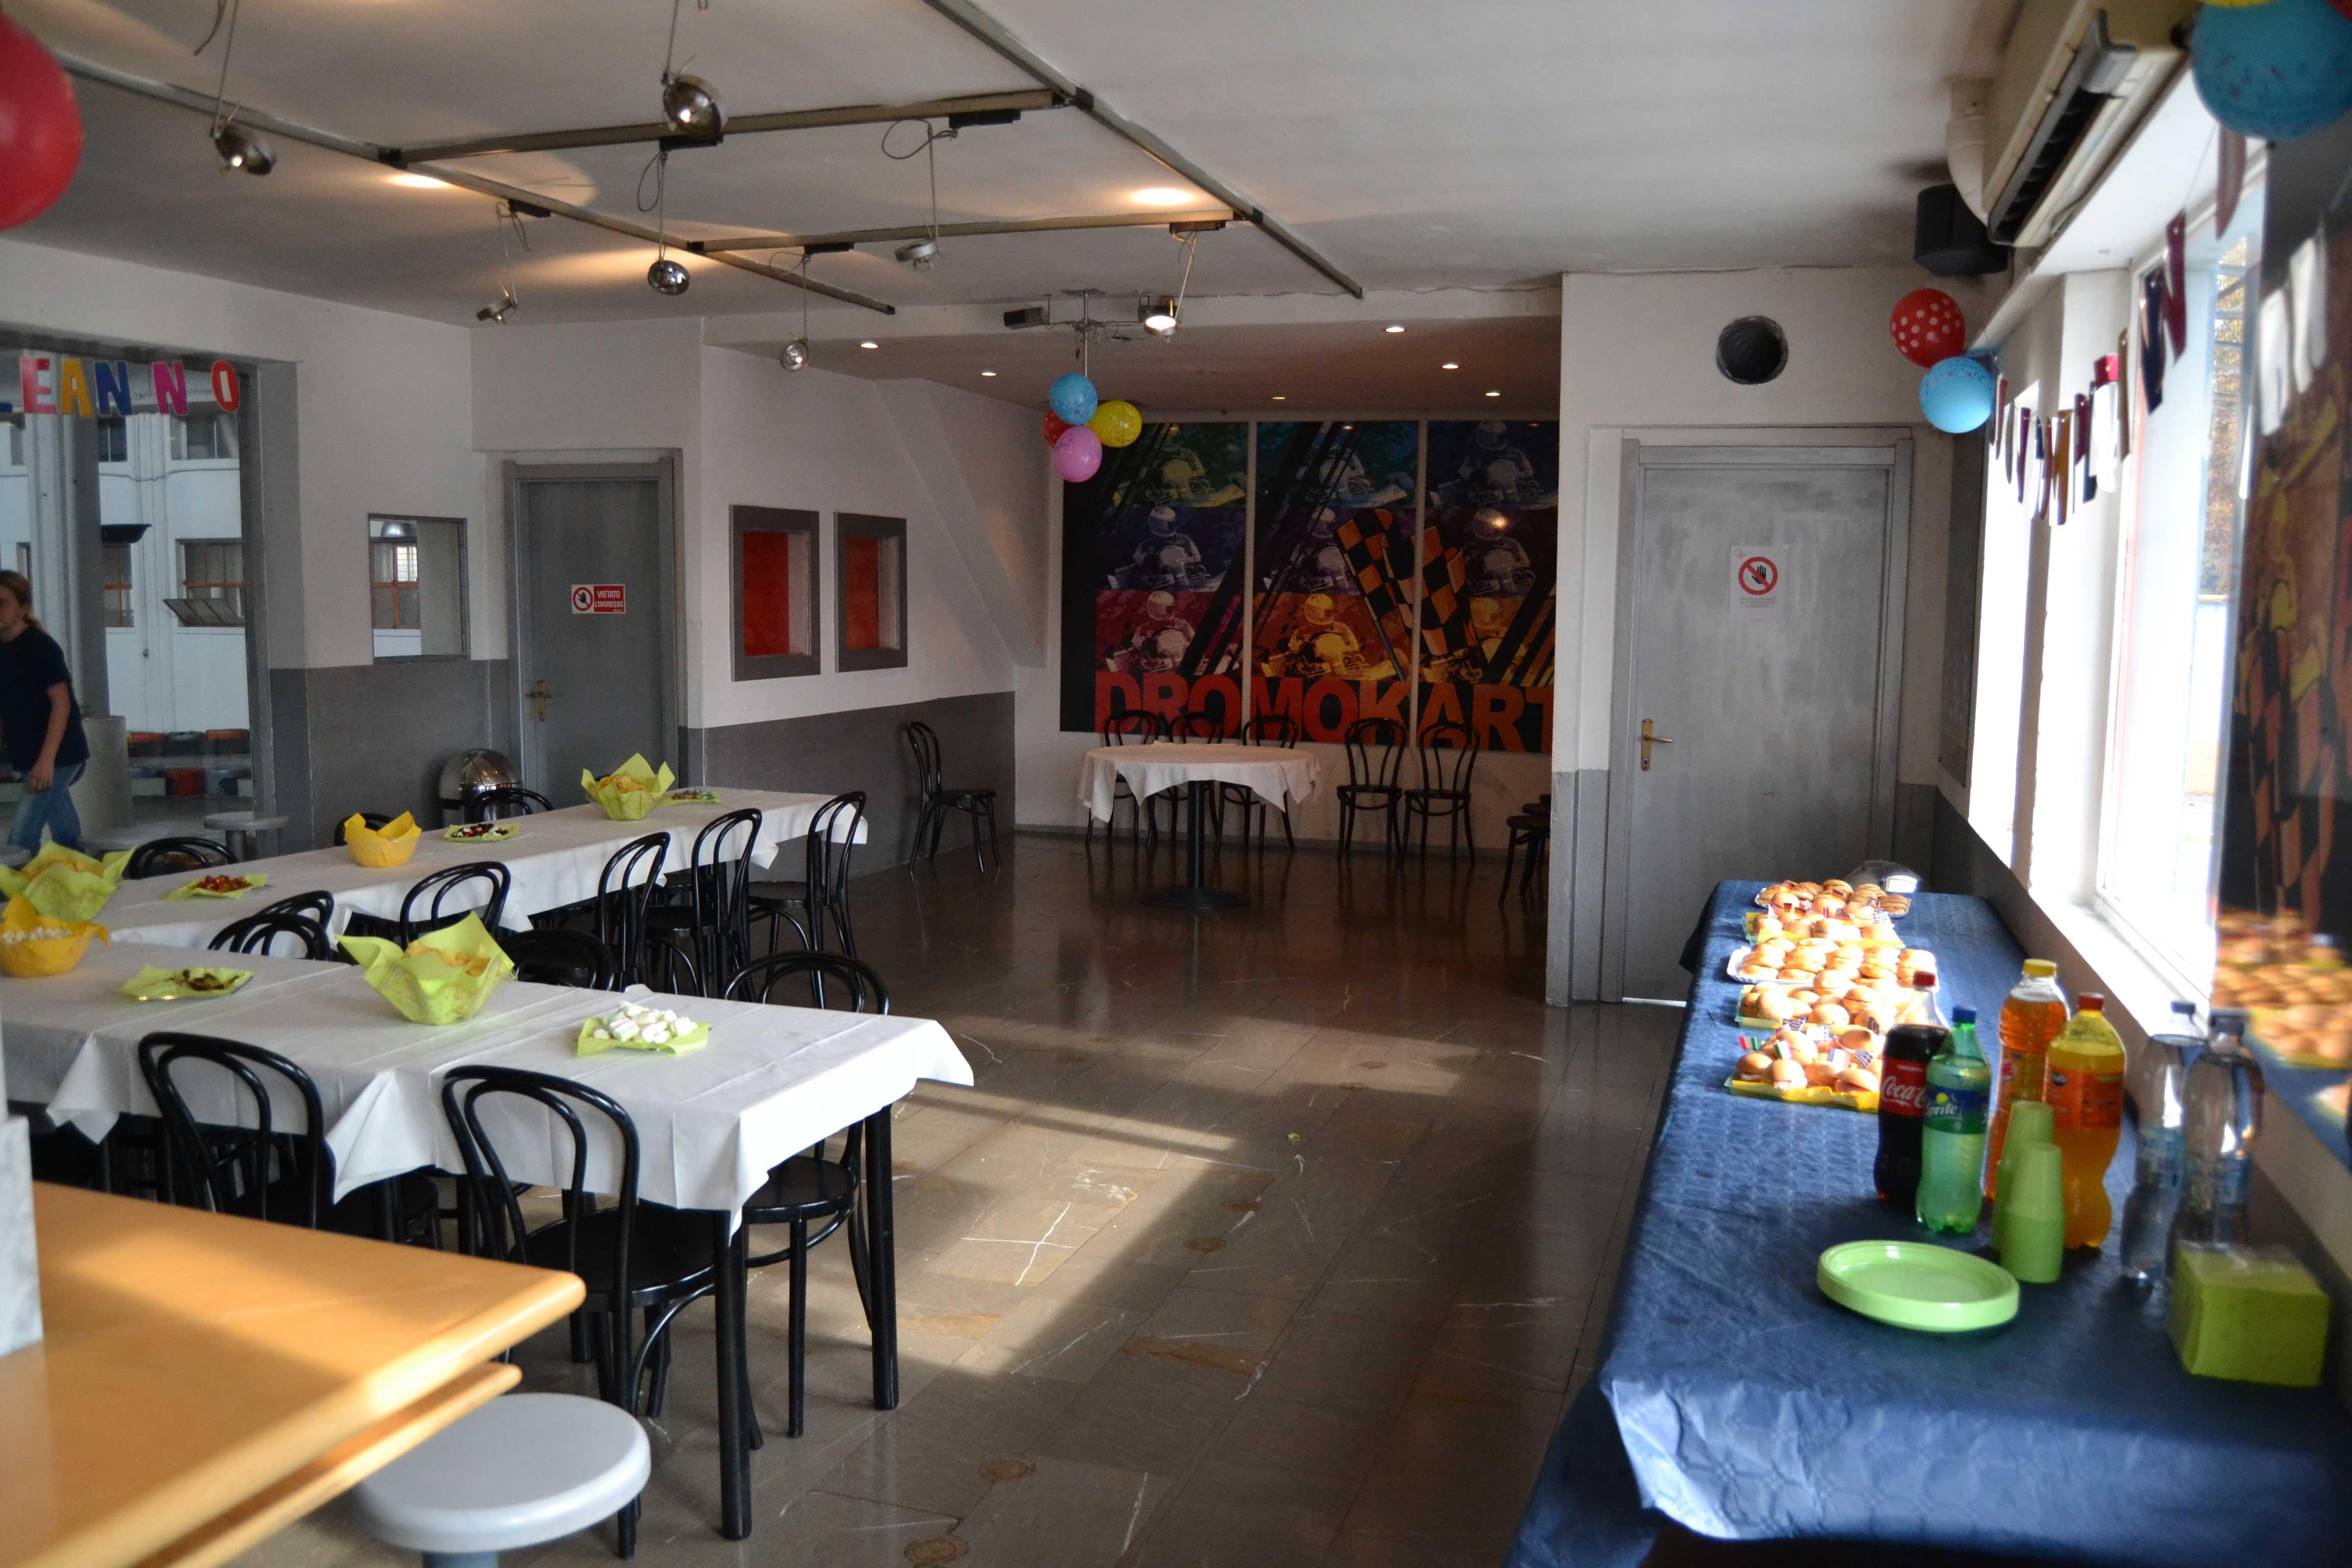 Festa di compleanno al Dromokart